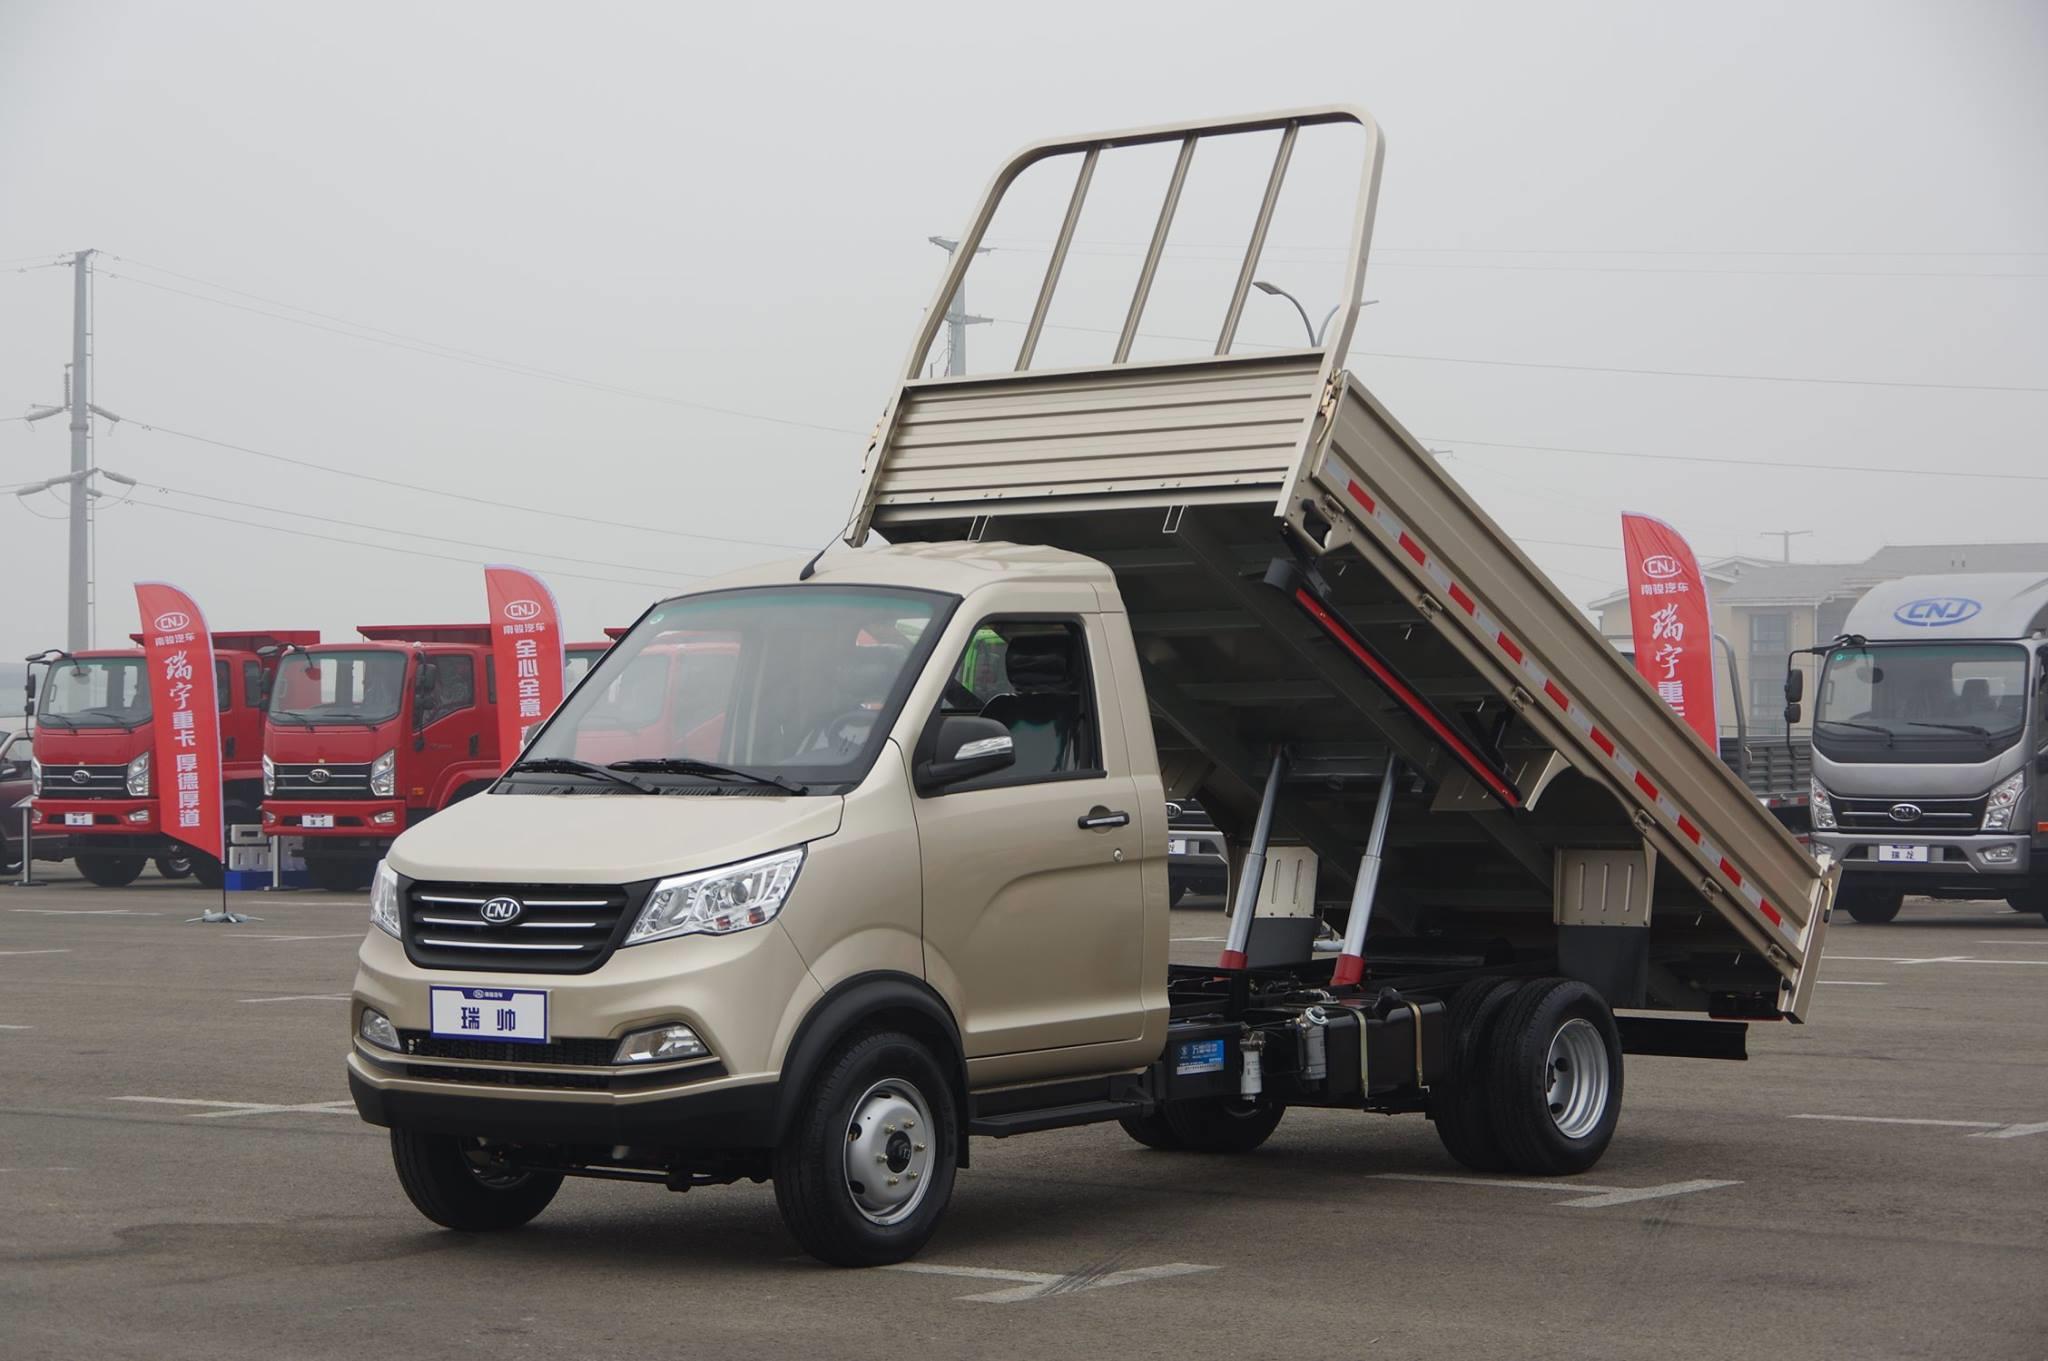 z-1.5L-gasoline-1.8L-gasoline--CNG-2.8L-ISUZU-diesel